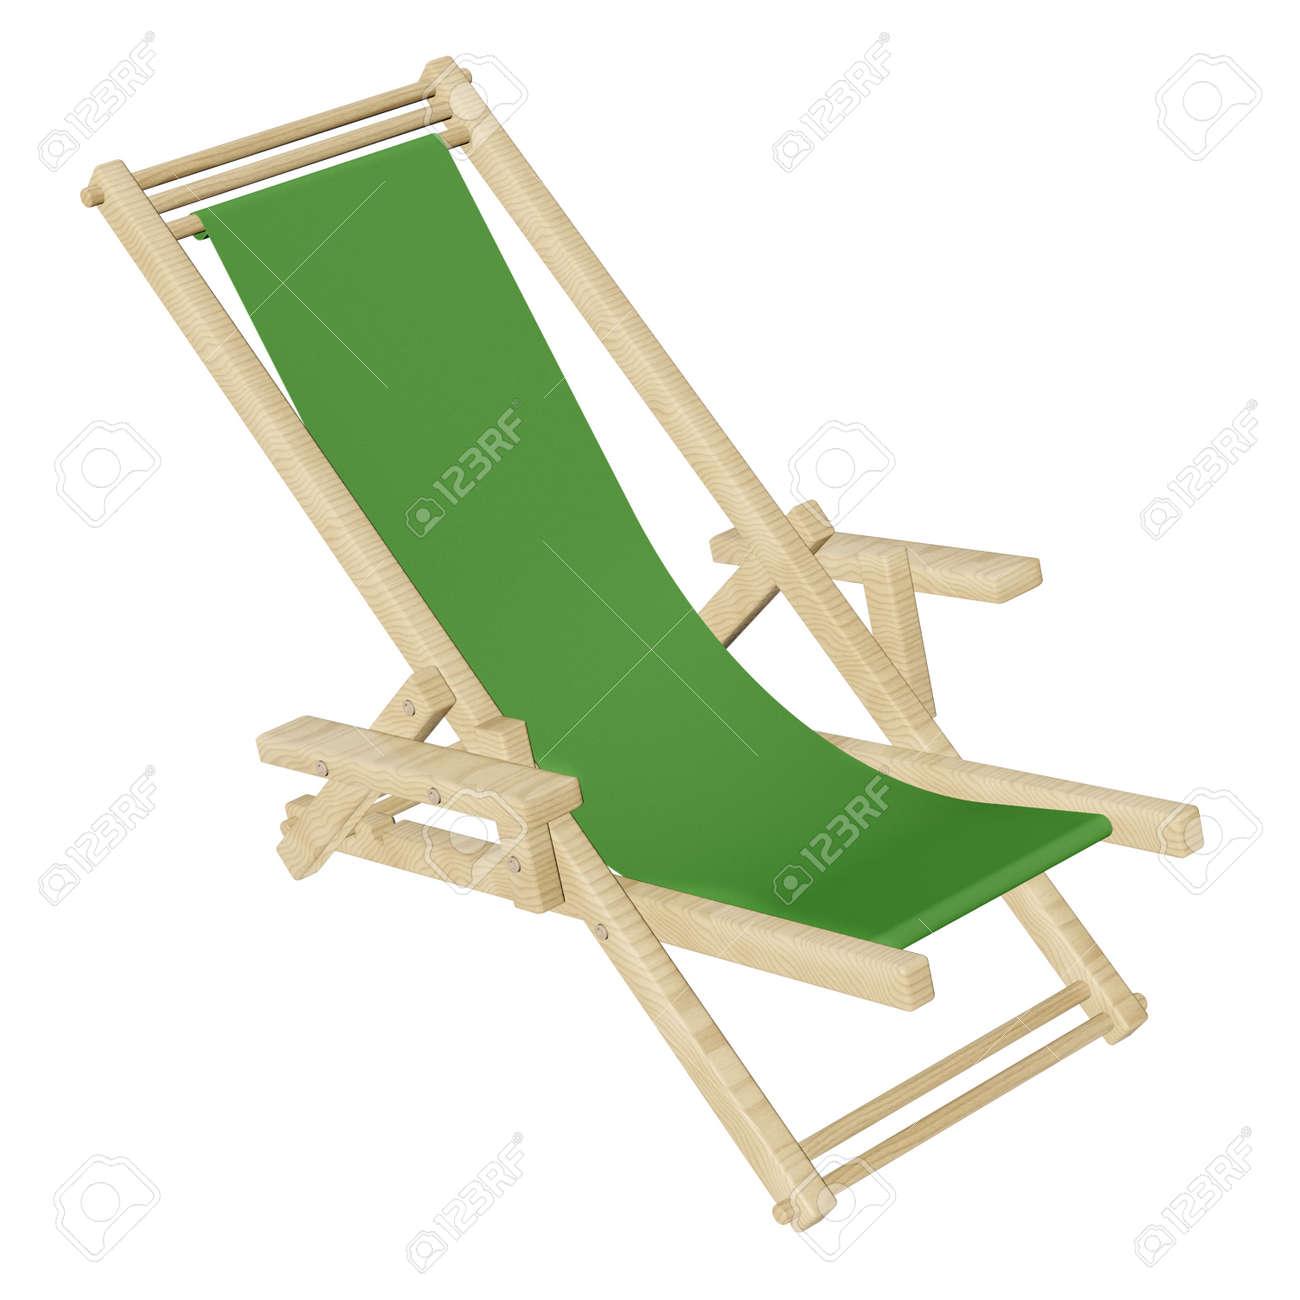 Avec Tissu Fond Longue BlancRendu Bois Vert Isolé Plage De 3d Chaise Sur En sxhQrtdC